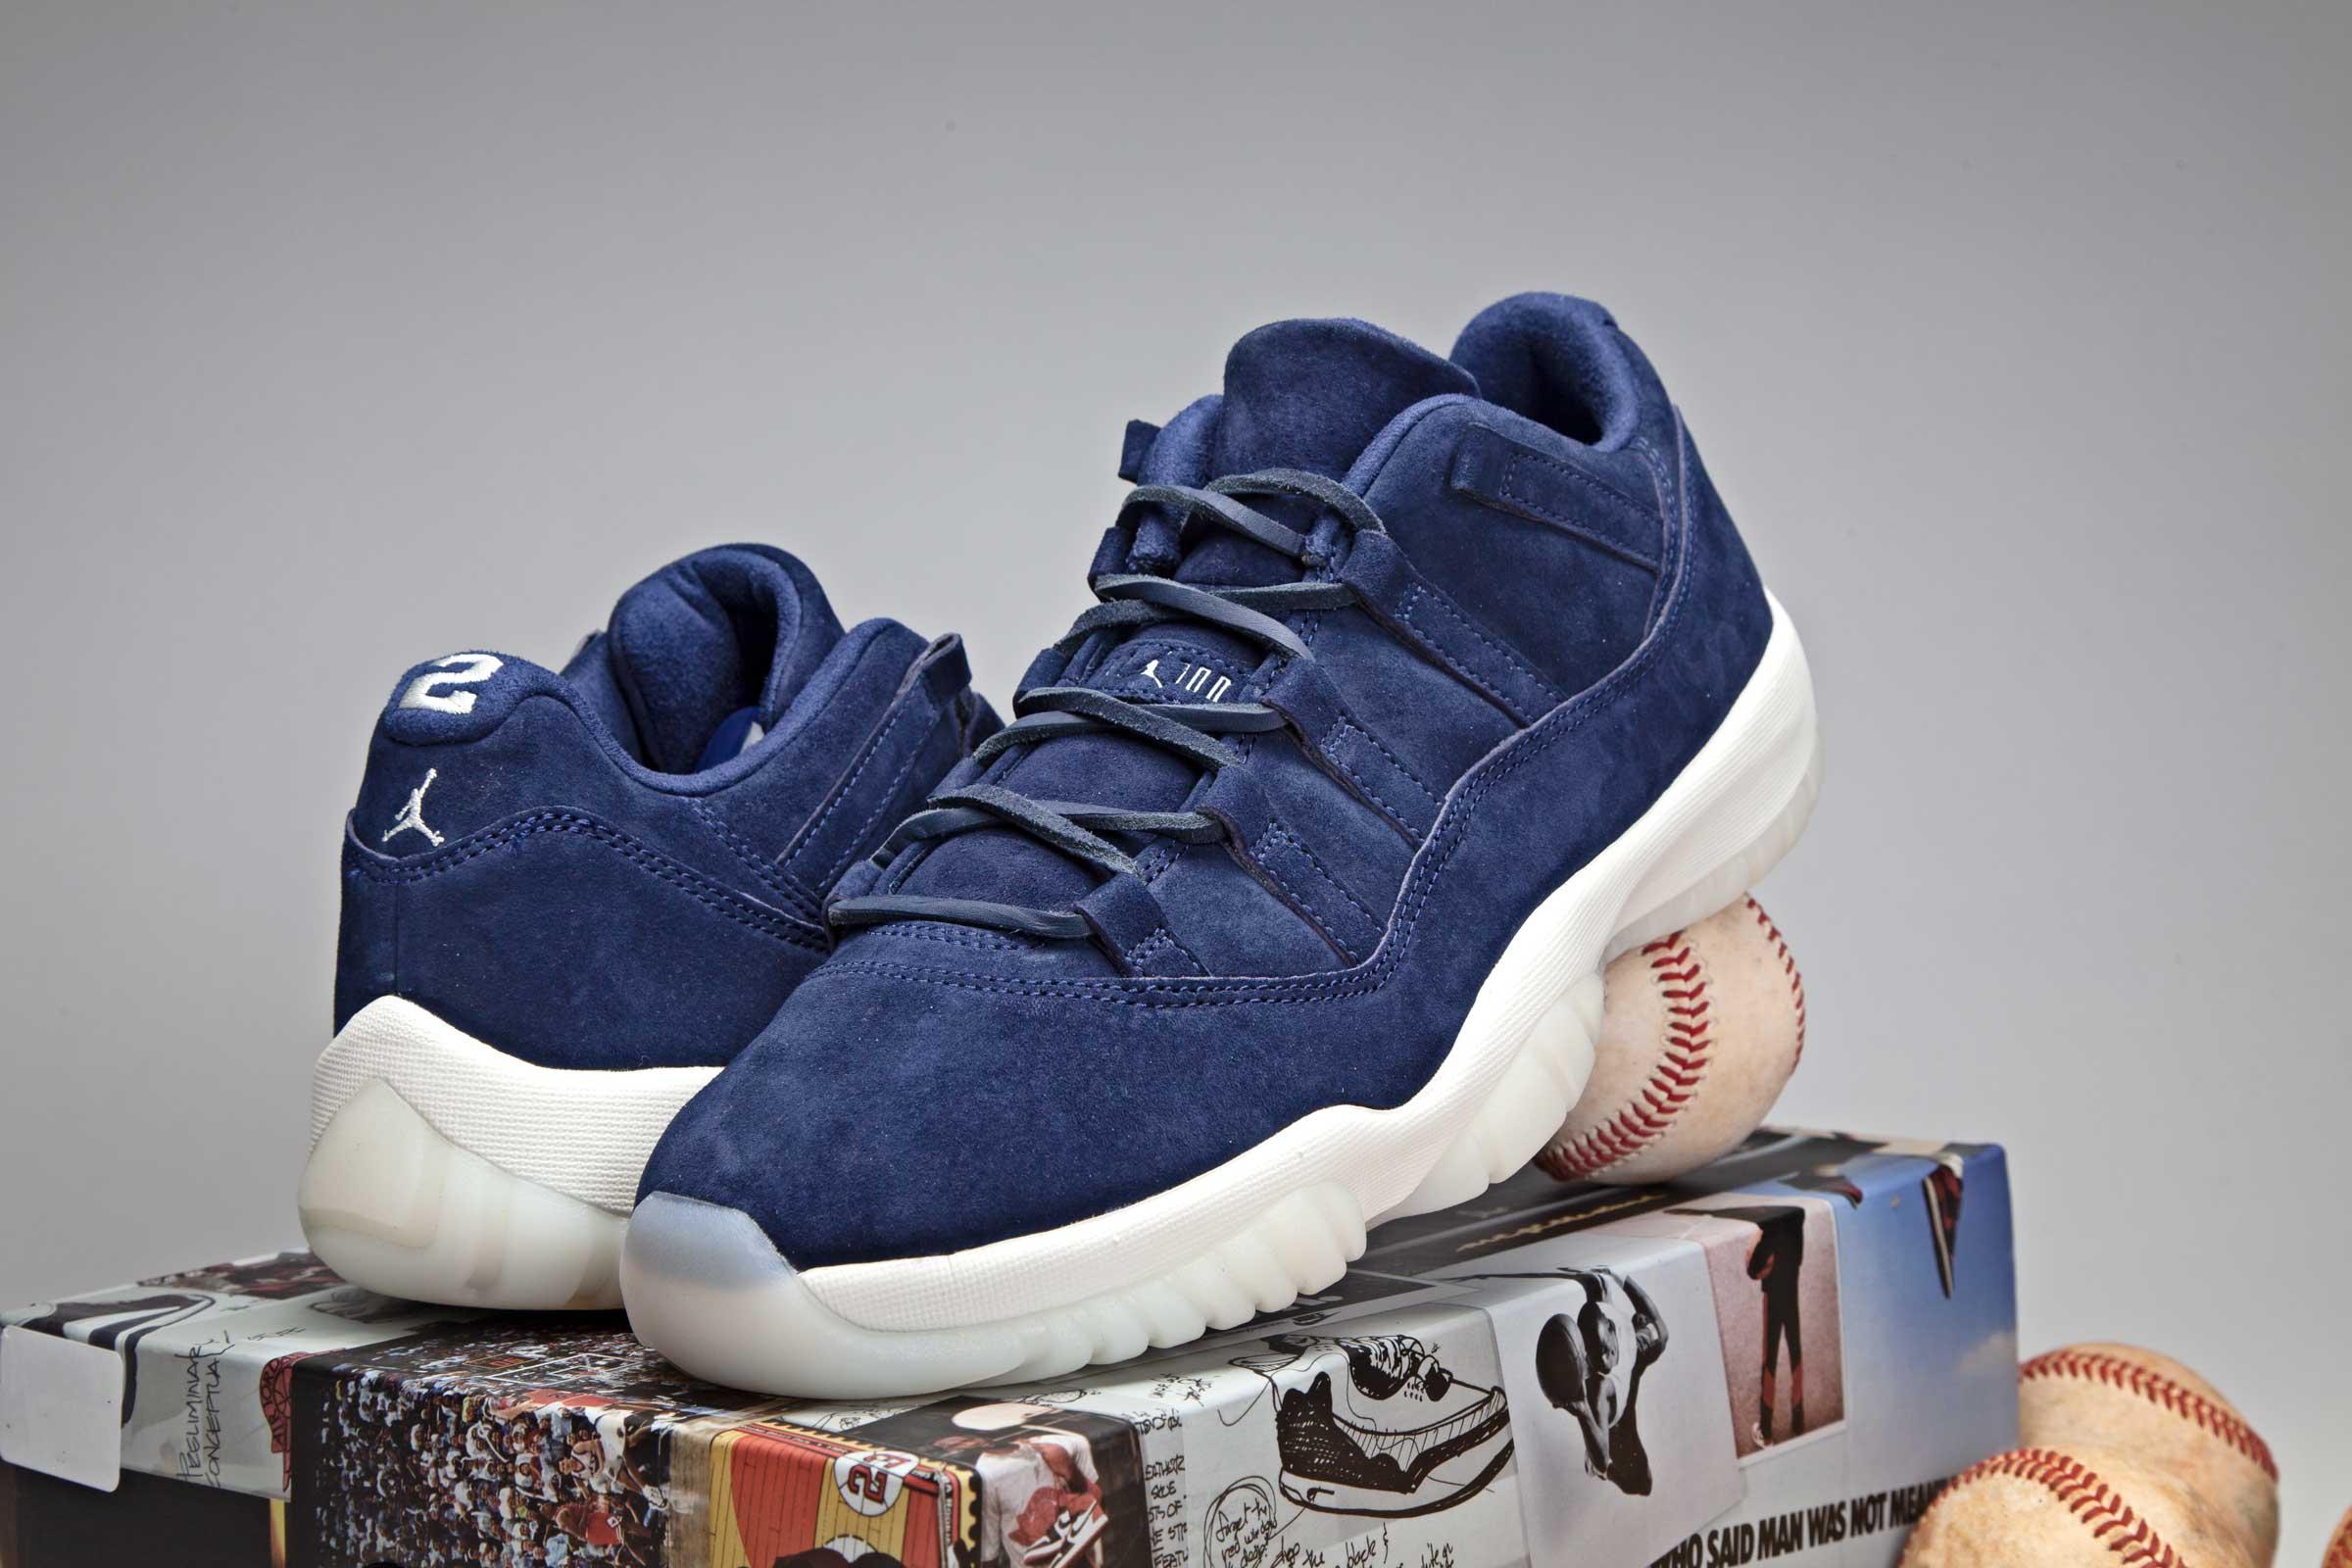 grueso Tener un picnic embarazada  Air Jordan 11 Low Derek Jeter RE2PECT • KicksOnFire.com